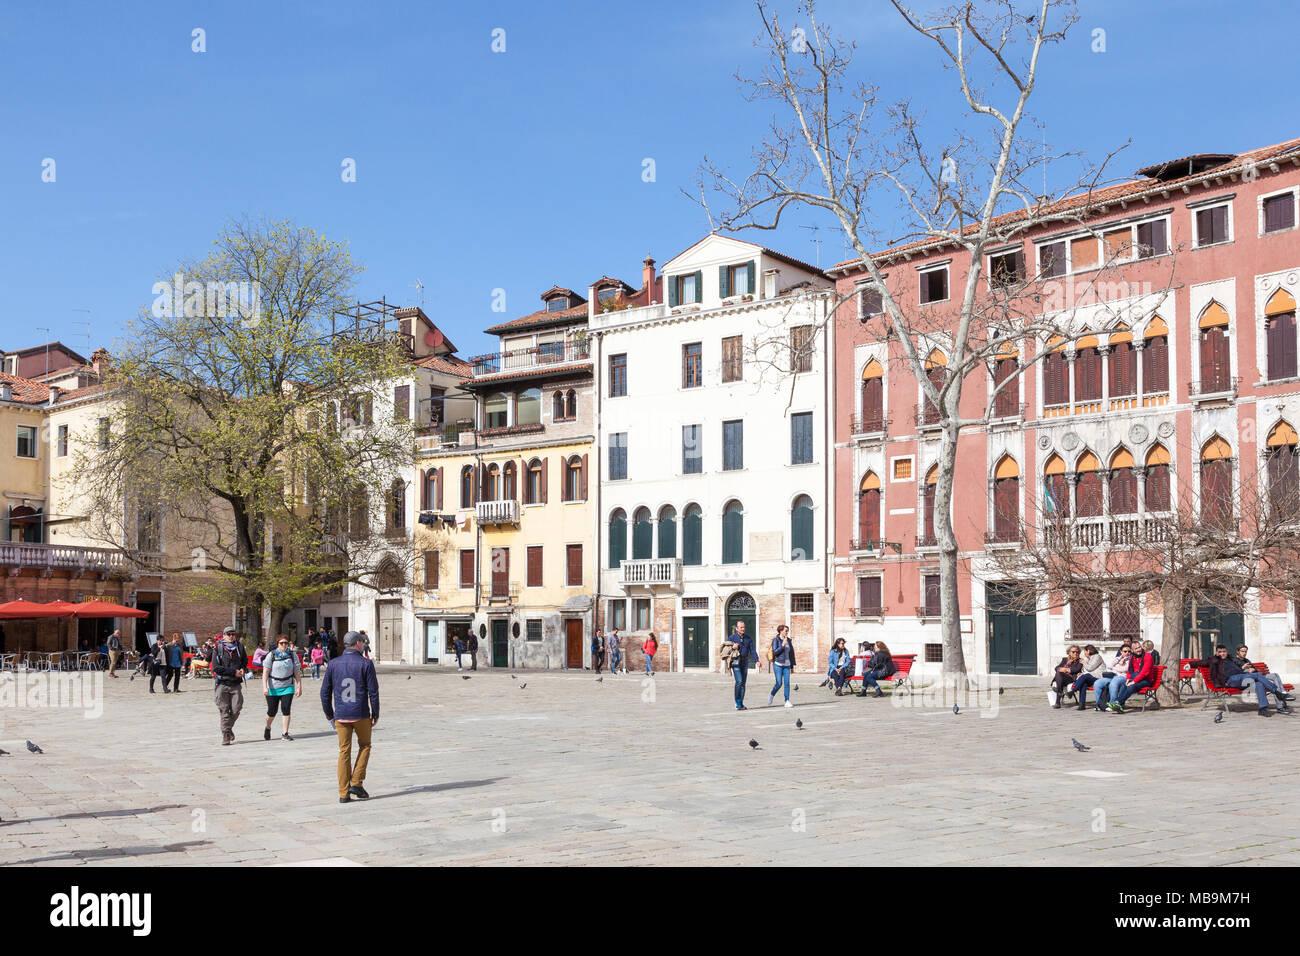 Campo San Polo, San Polo, Venezia, Veneto, Italia in primavera con la gente del posto e i turisti relax su panche e attraversando la piazza di fronte a palazzi Immagini Stock